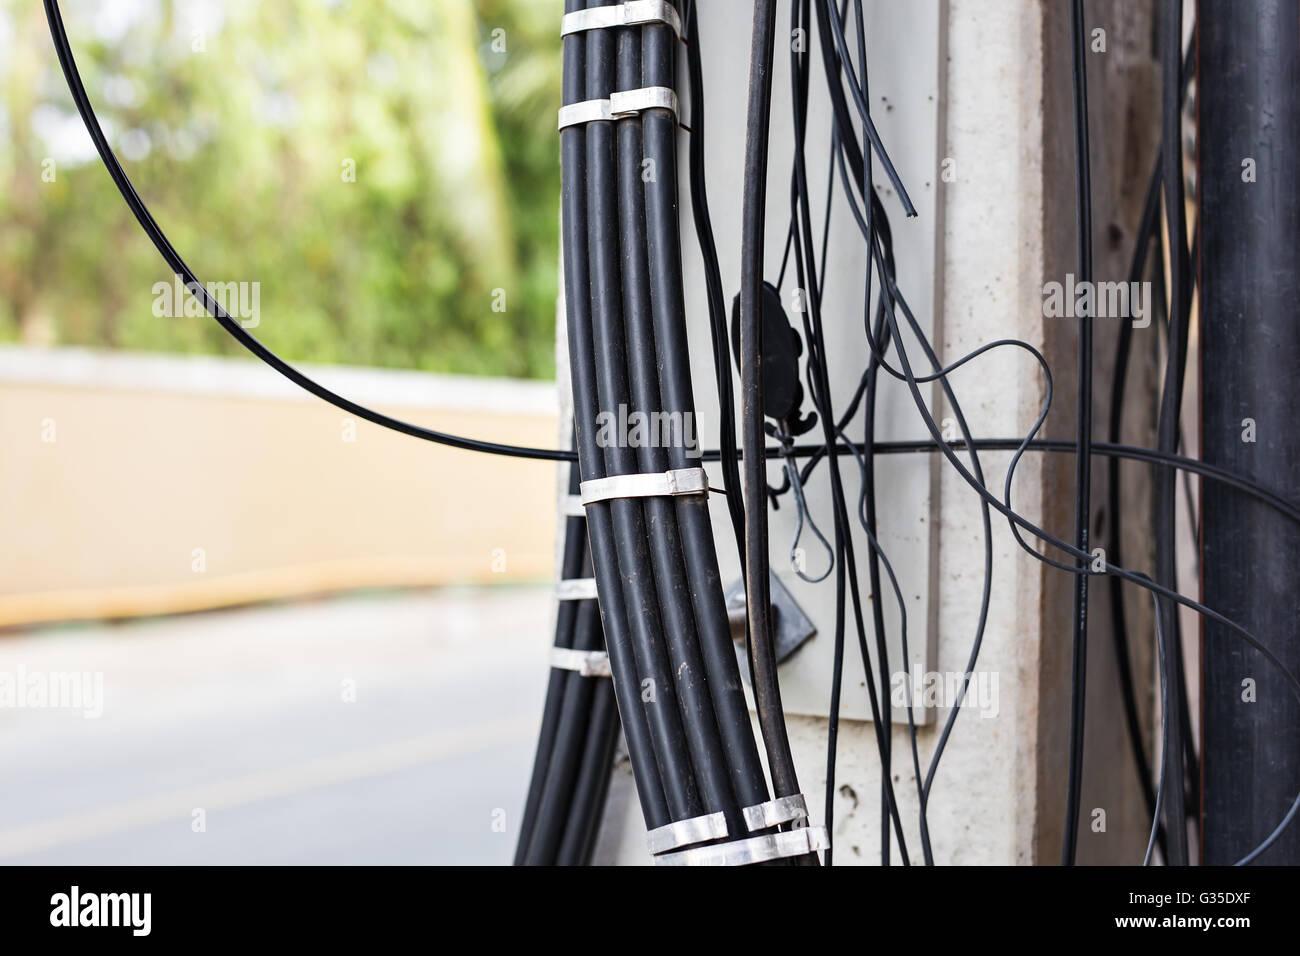 Atemberaubend Elektrische Kabel Im Freien Laufen Fotos - Elektrische ...